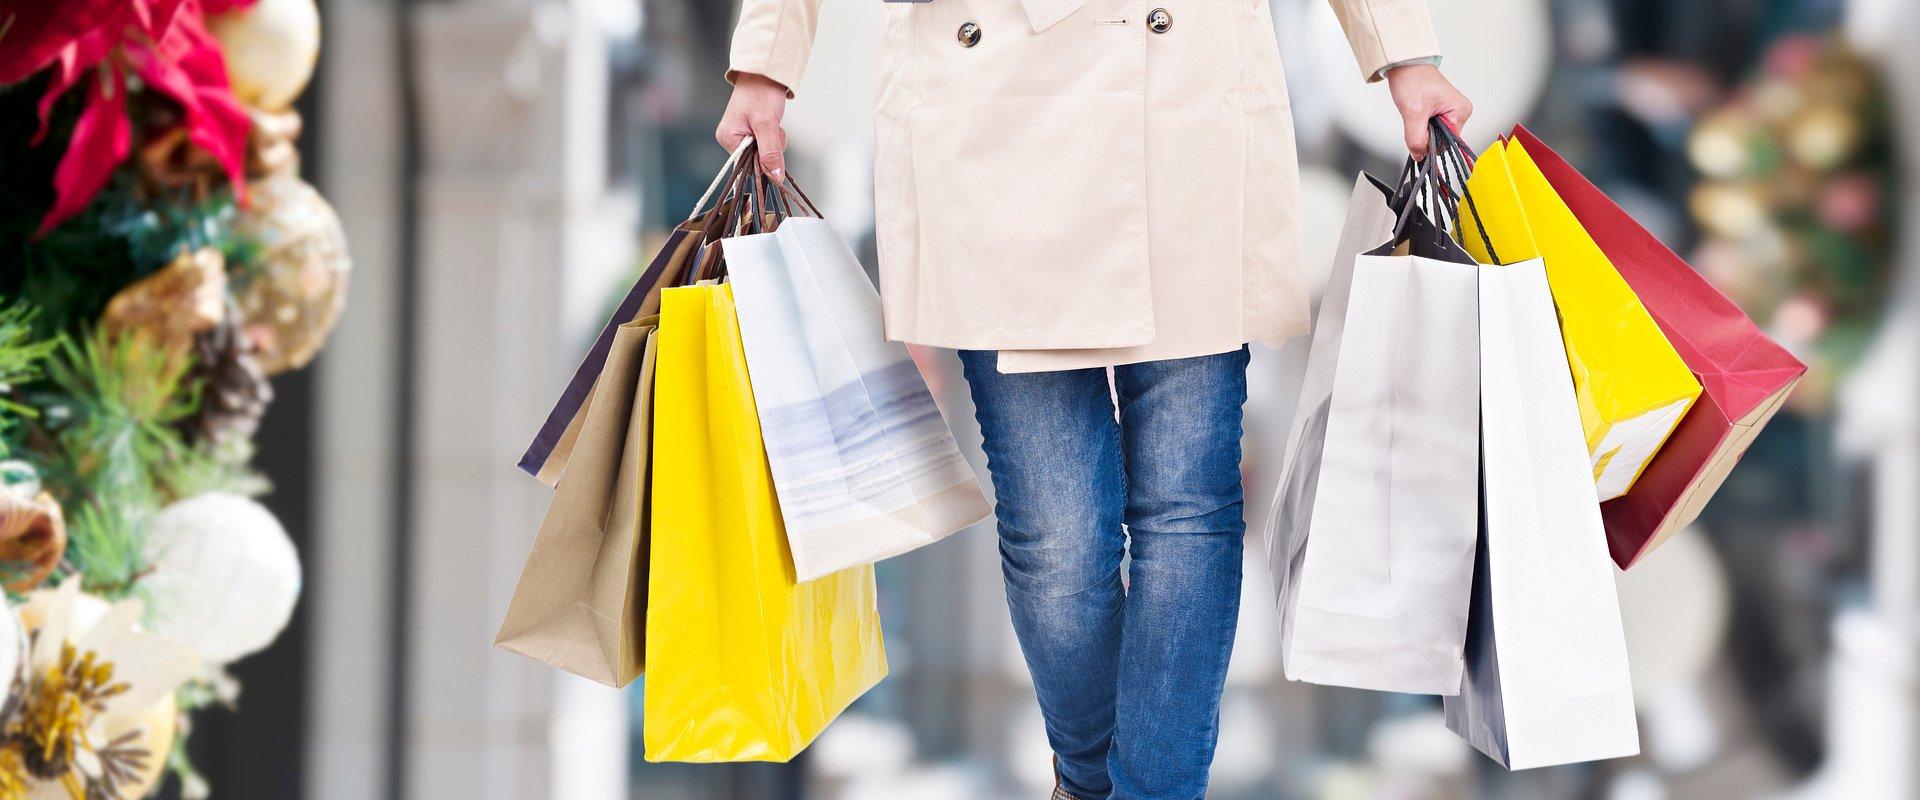 Ekspert WSB: mężczyźni znacznie częściej przekraczają świąteczny budżet